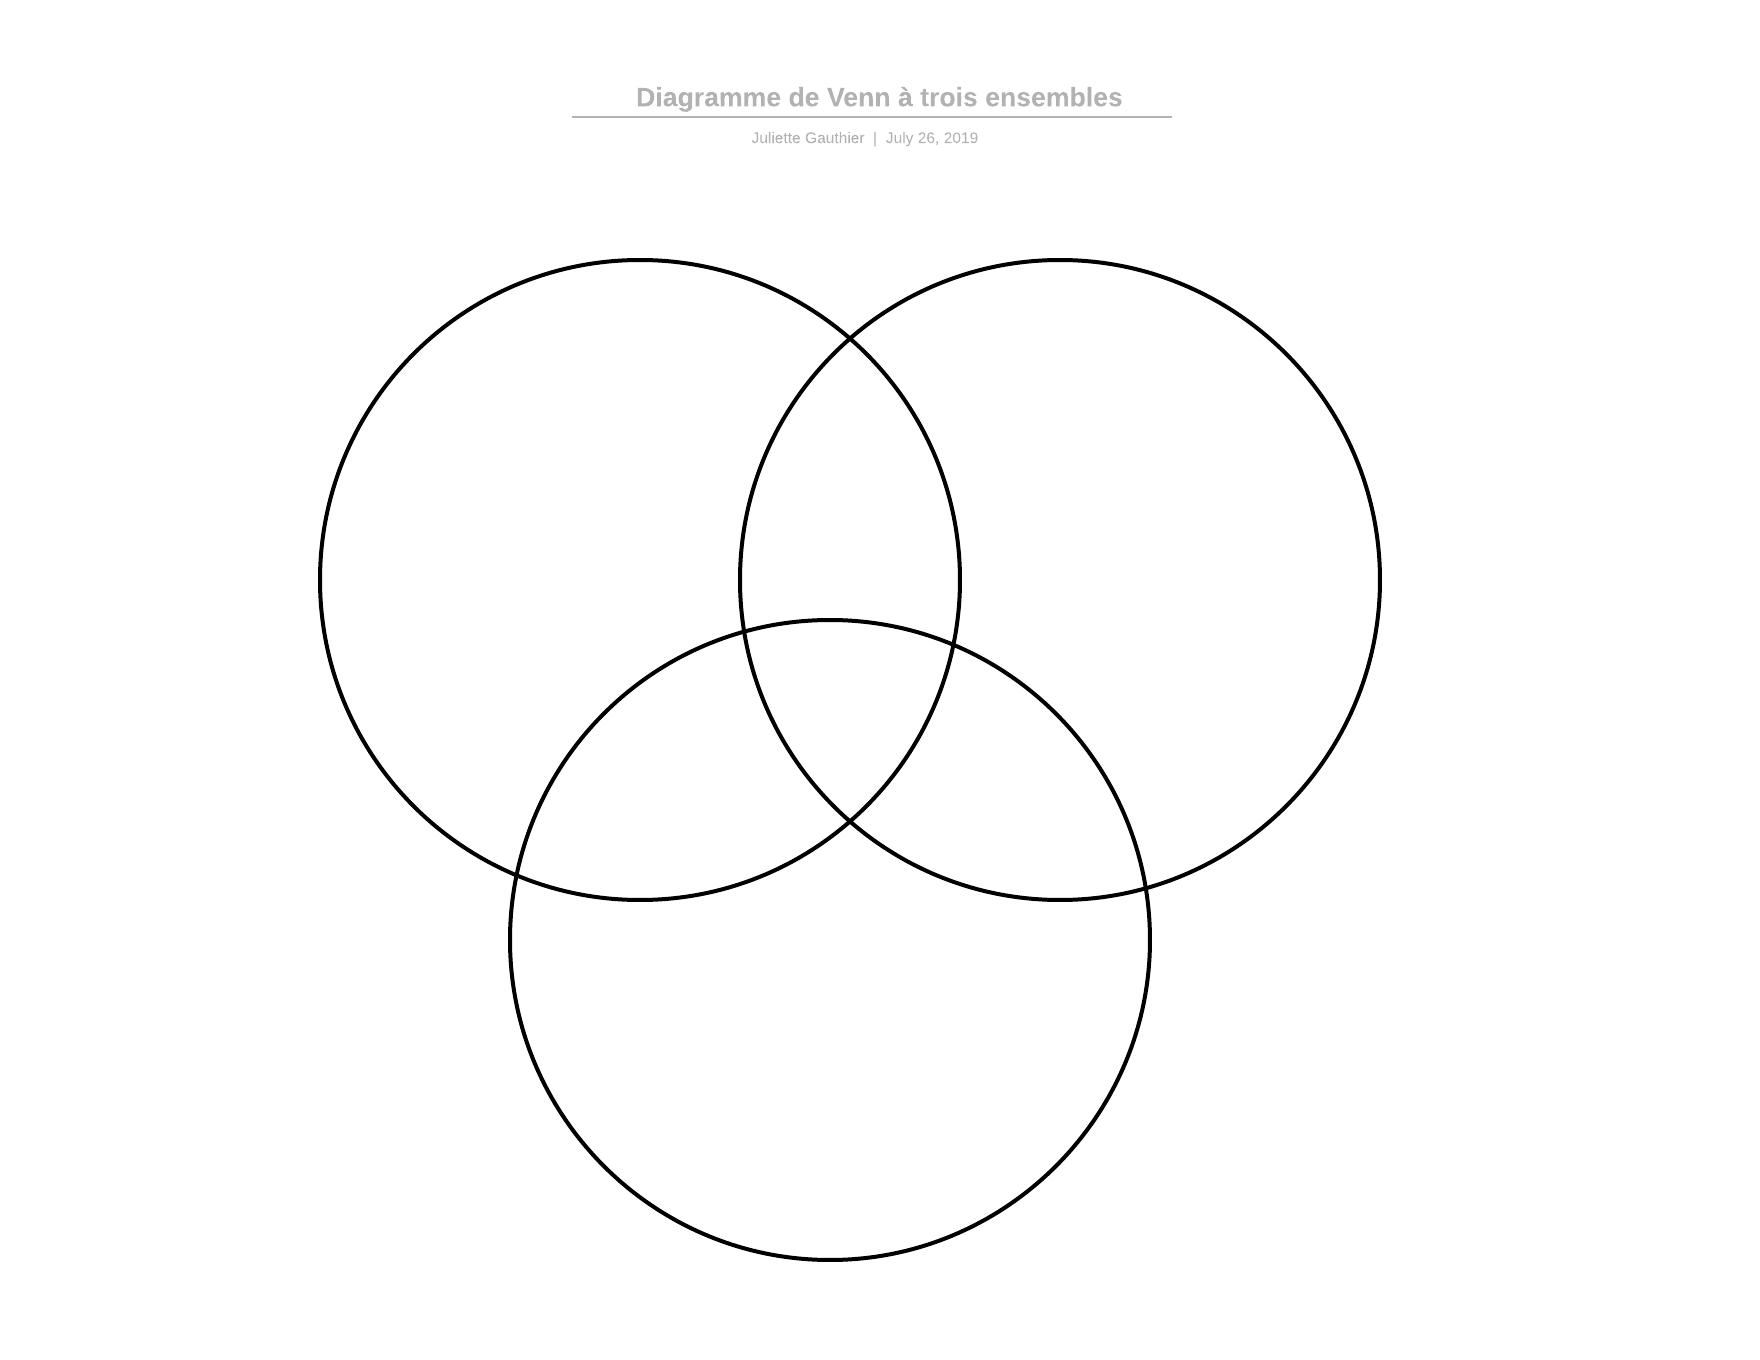 Diagramme de Venn vierge à 3 ensembles imprimable